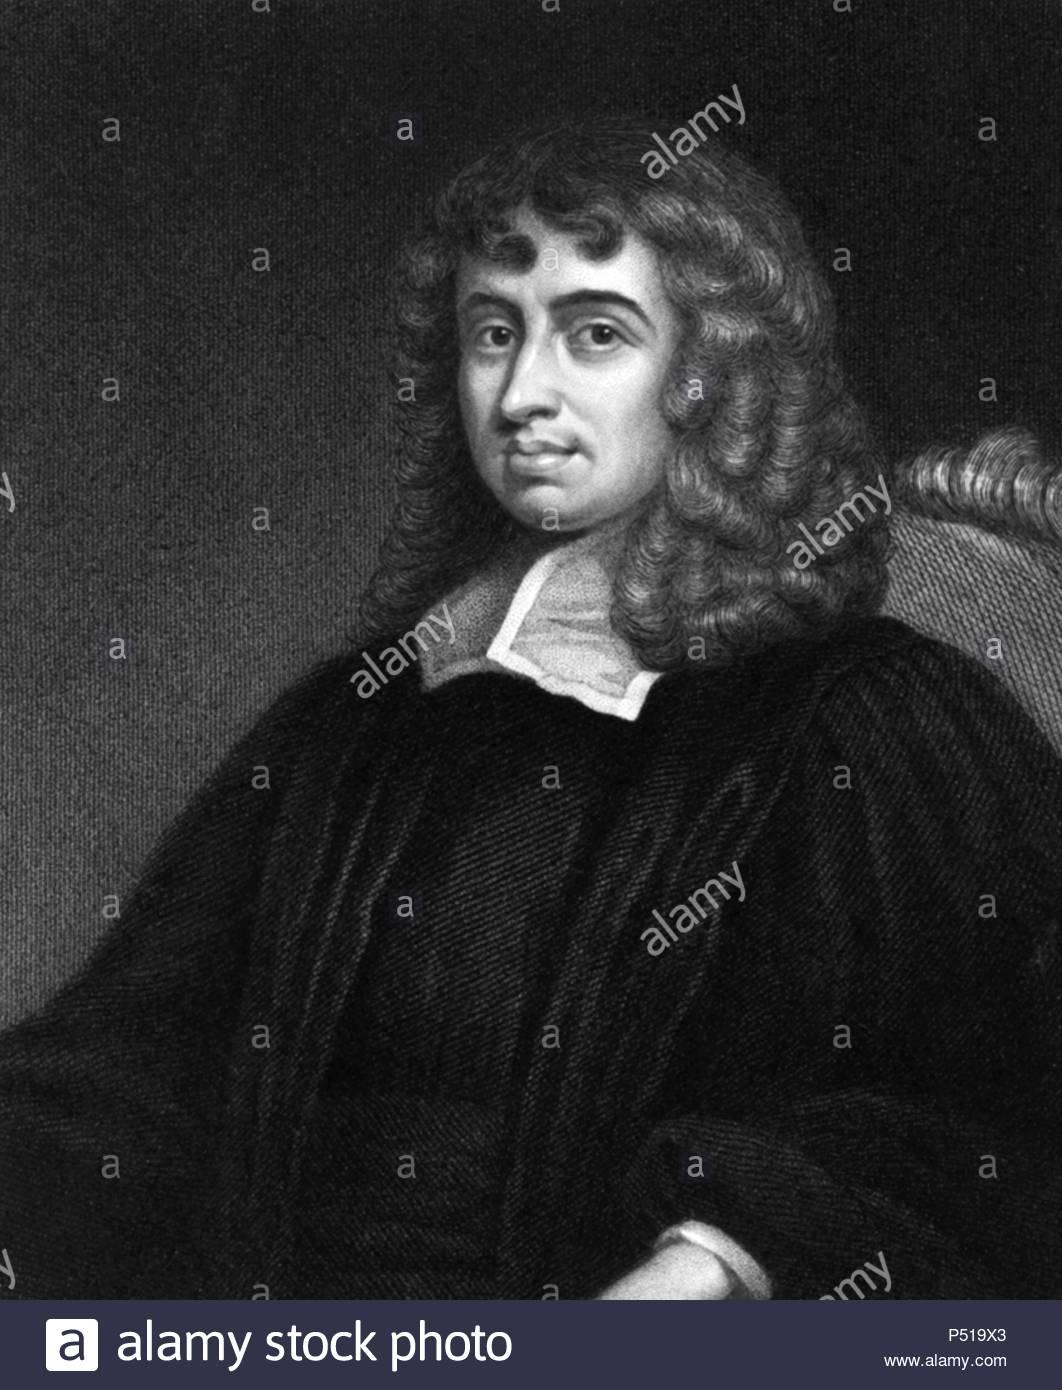 El teólogo y matemático inglés Isaac Barrow. - Stock Image